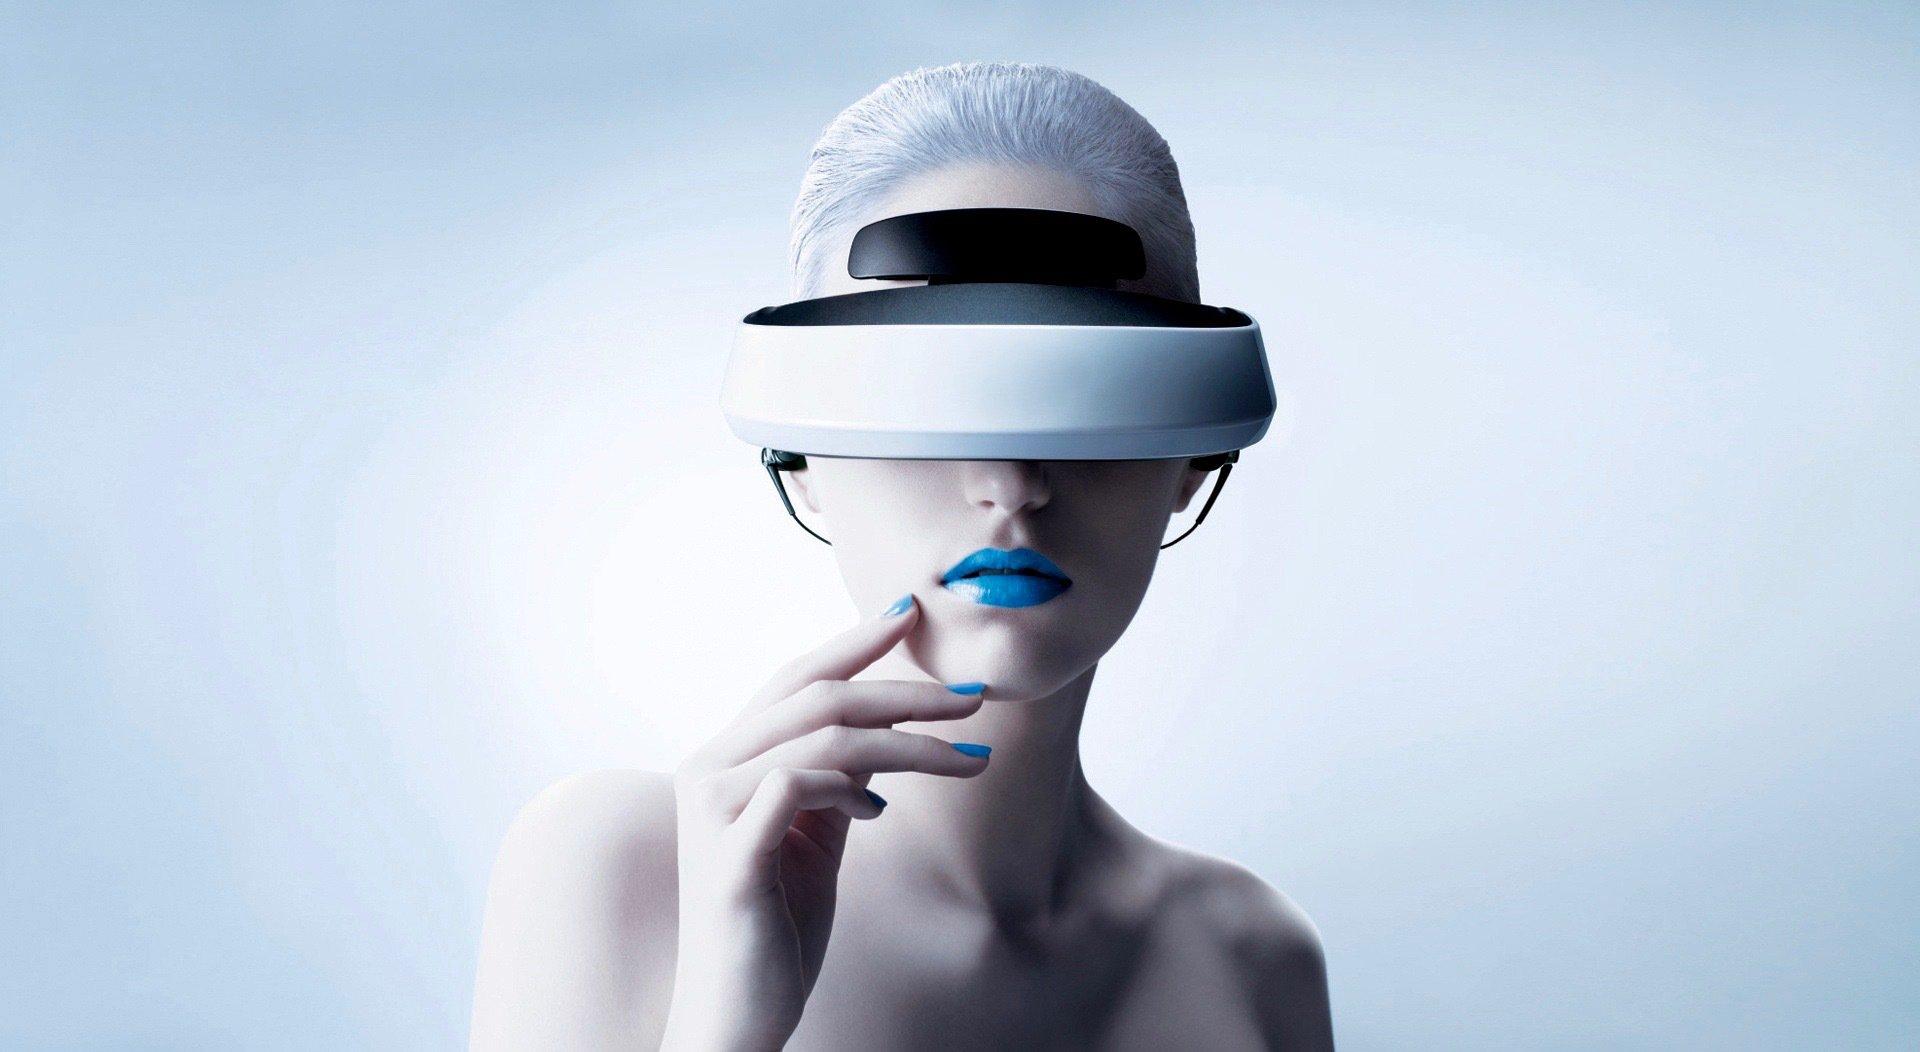 choisir-casques-realite-virtuelle-71127.jpg